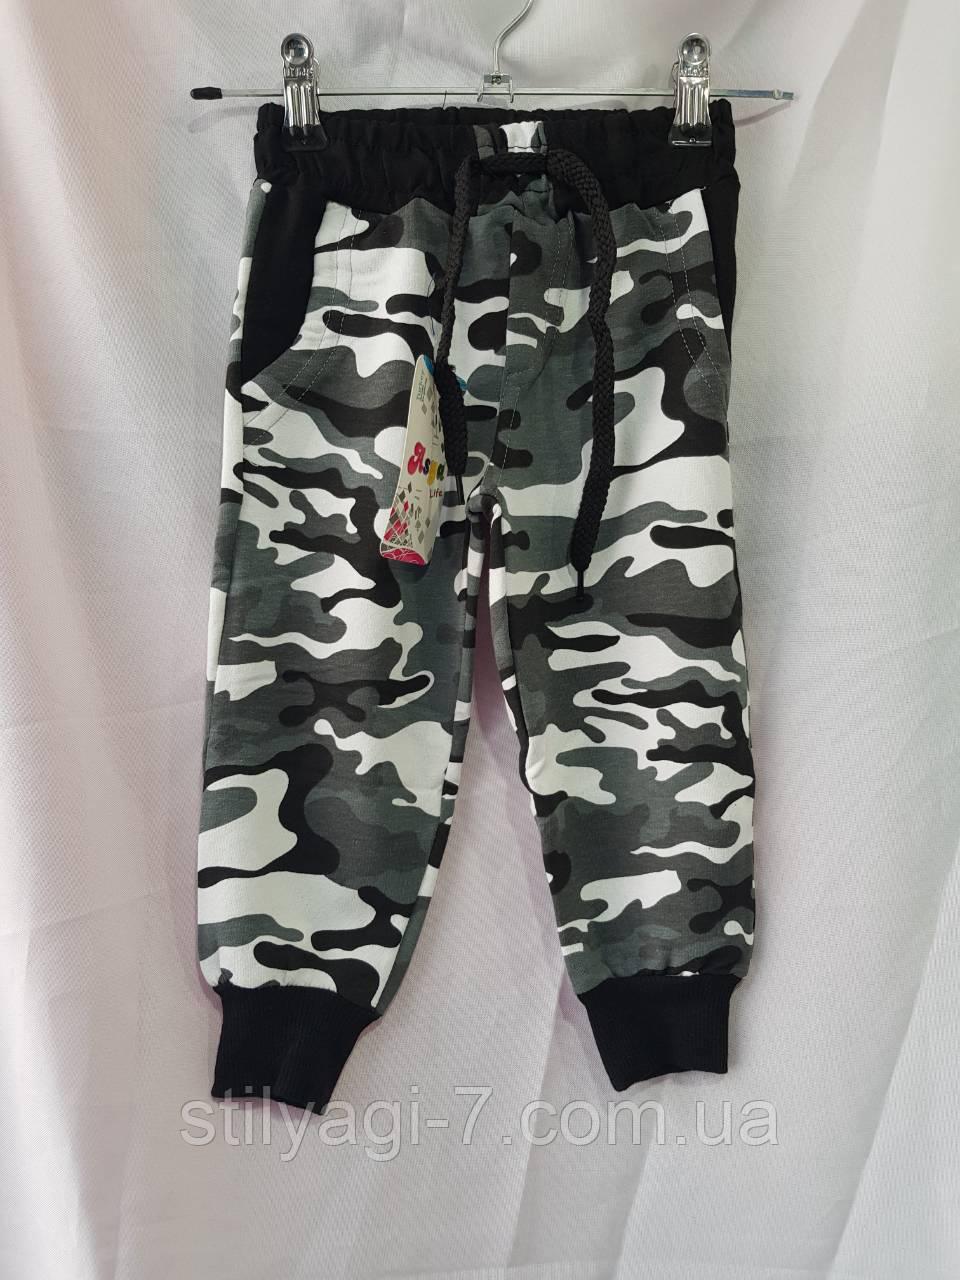 Спортивные штаны для мальчика на 1-4 лет хаки цвета на манжете оптом